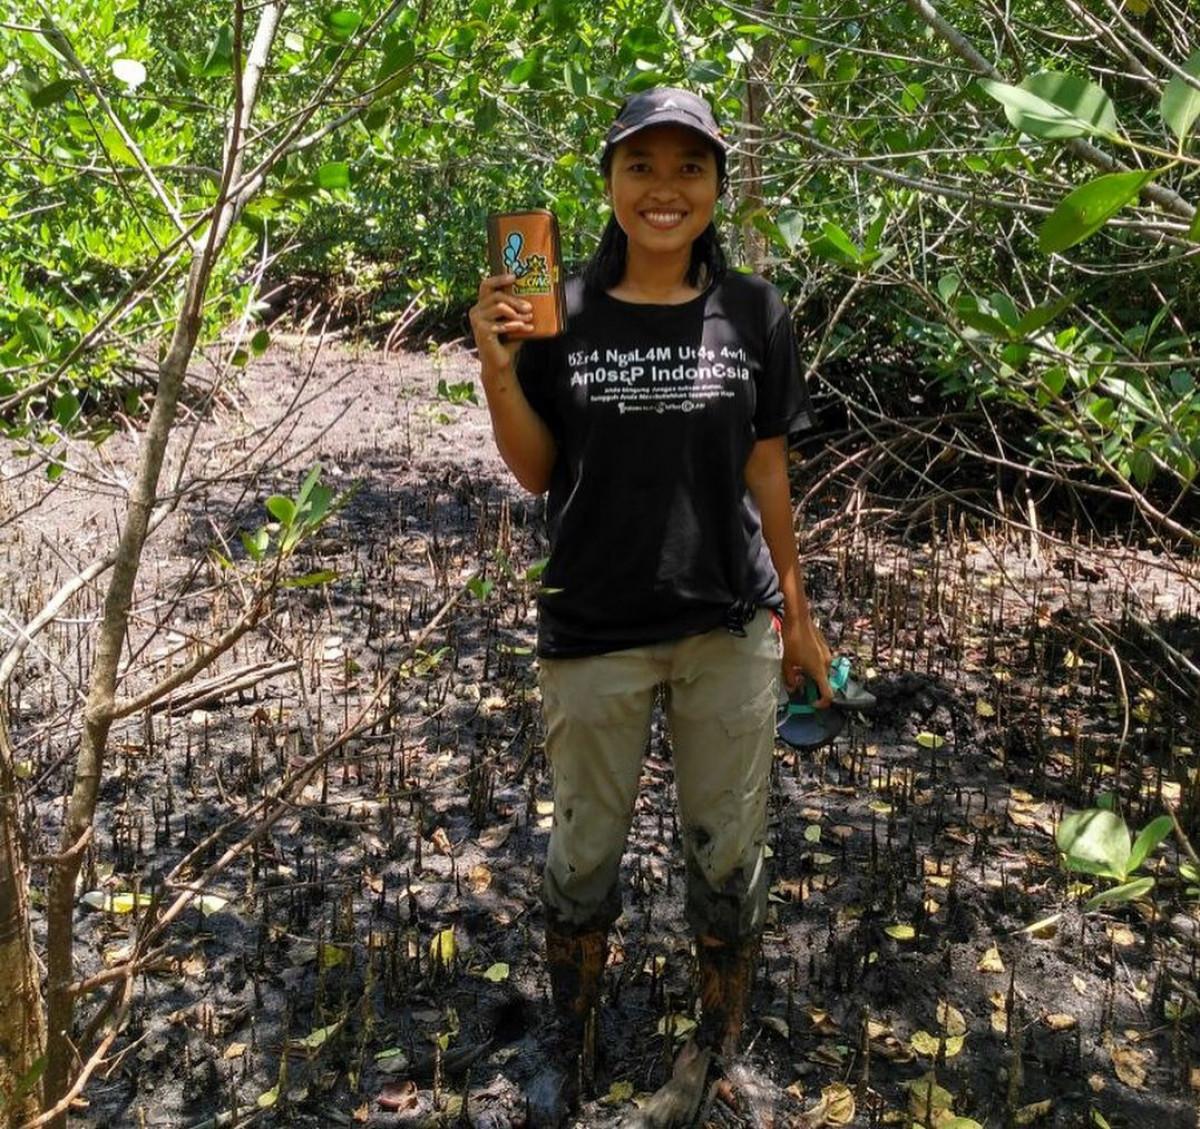 Lia Putrinda Anggawa, Sosok Milenial Menginspirasi Pendongkrak Ekowisata Bahari